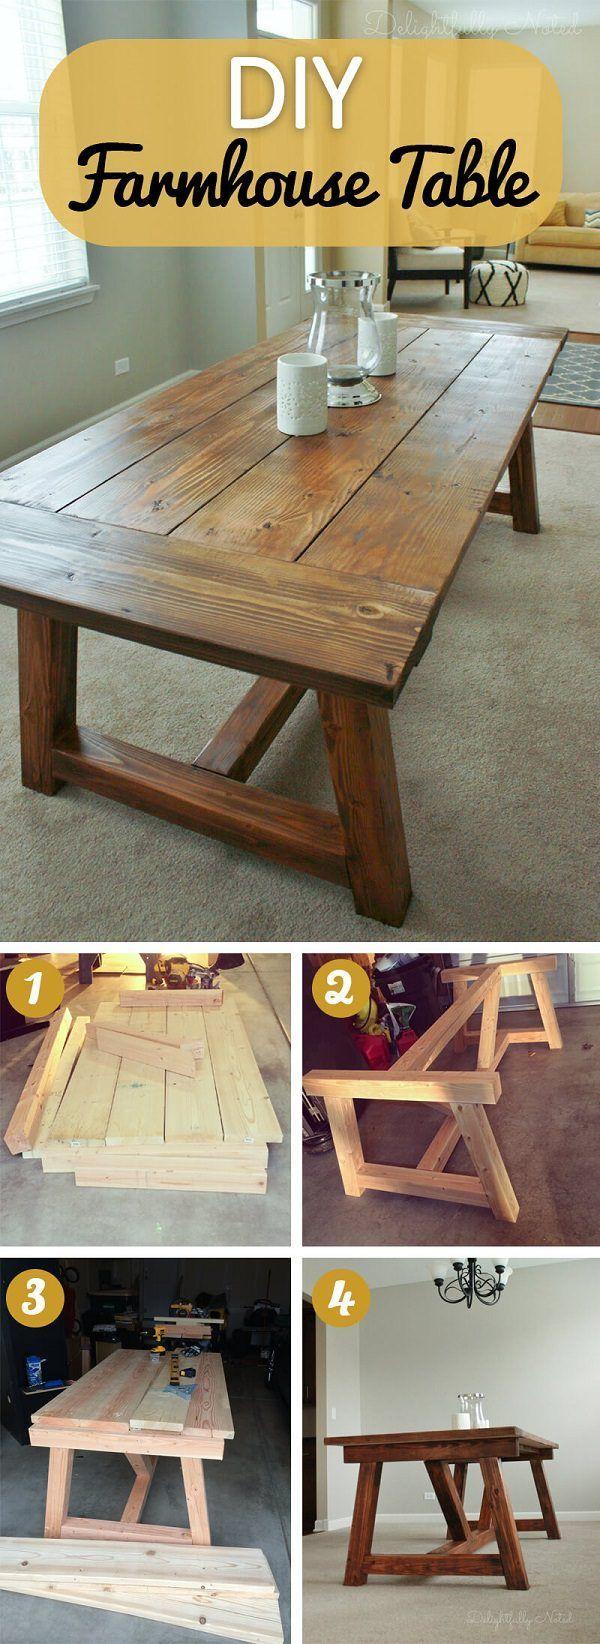 17 rustikale DIY Bauernhaus-Tisch-Ideen, um Land in Ihr Zuhause zu bringen